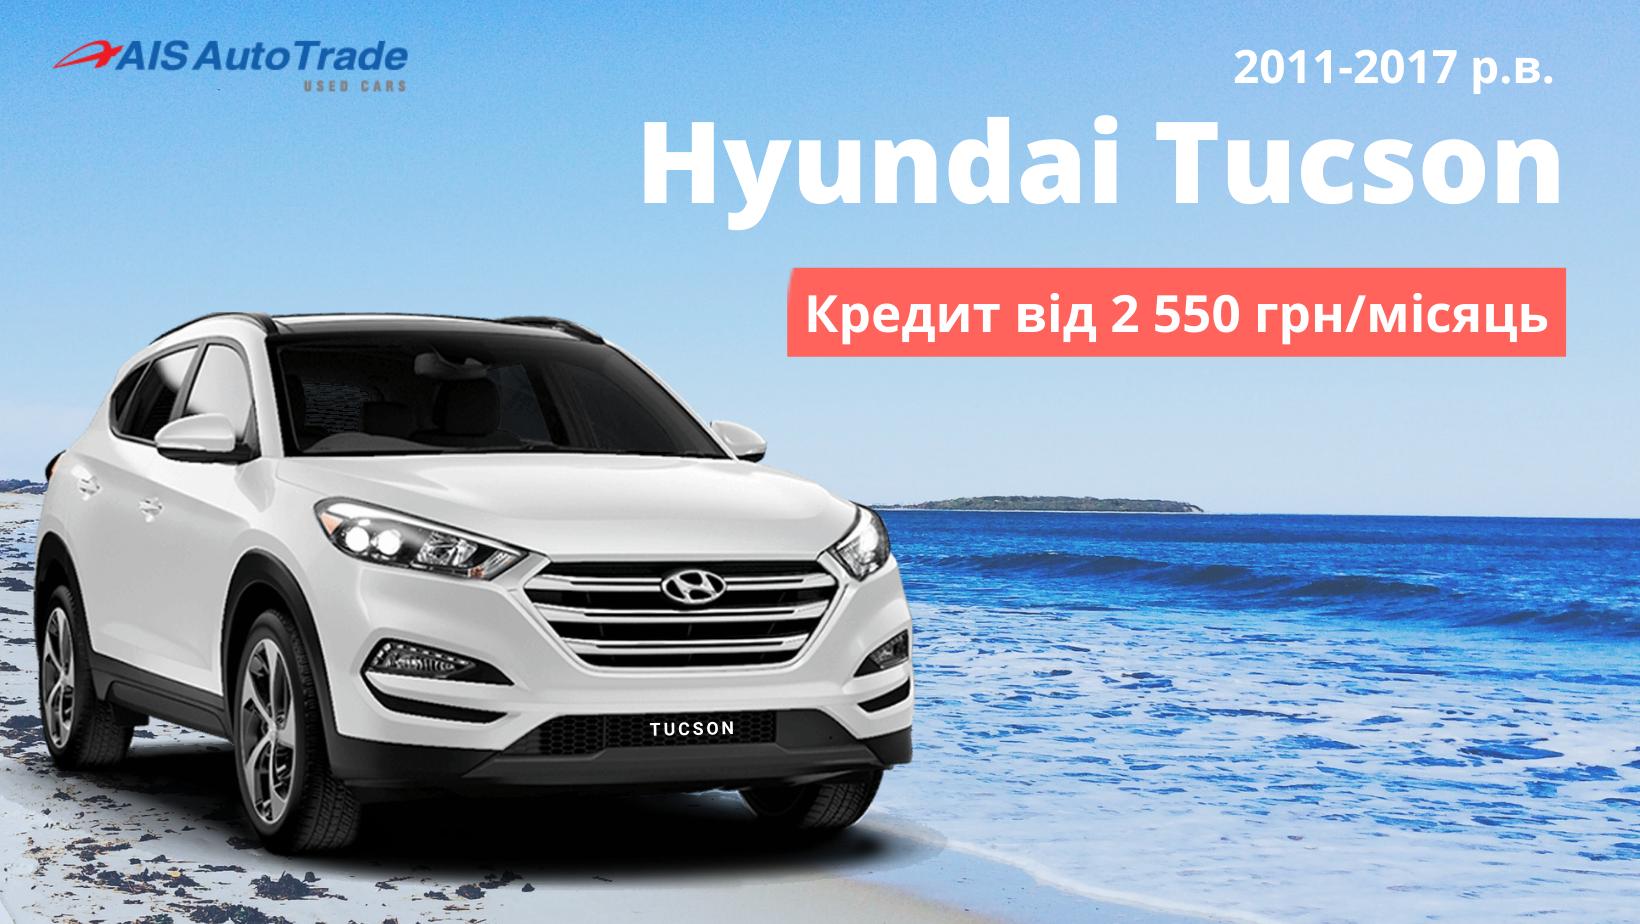 Купити Hyundai Tucson з пробігом можна в кредит від 2 550 грн на місяць!